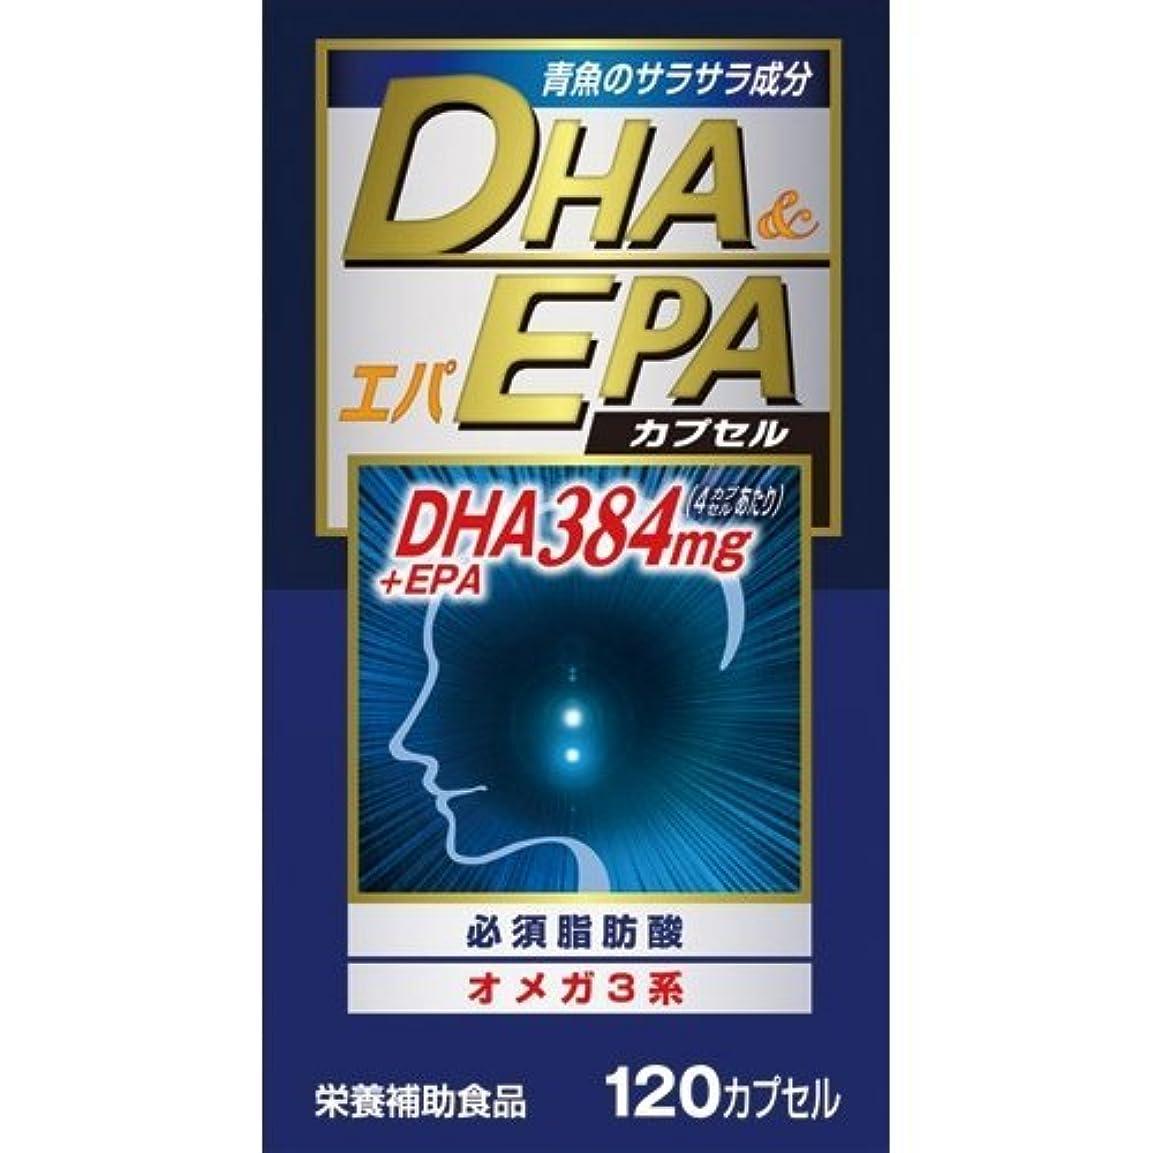 まぶしさめんどりファイター【ウエルネスジャパン】DHAエパ 120カプセル ×5個セット